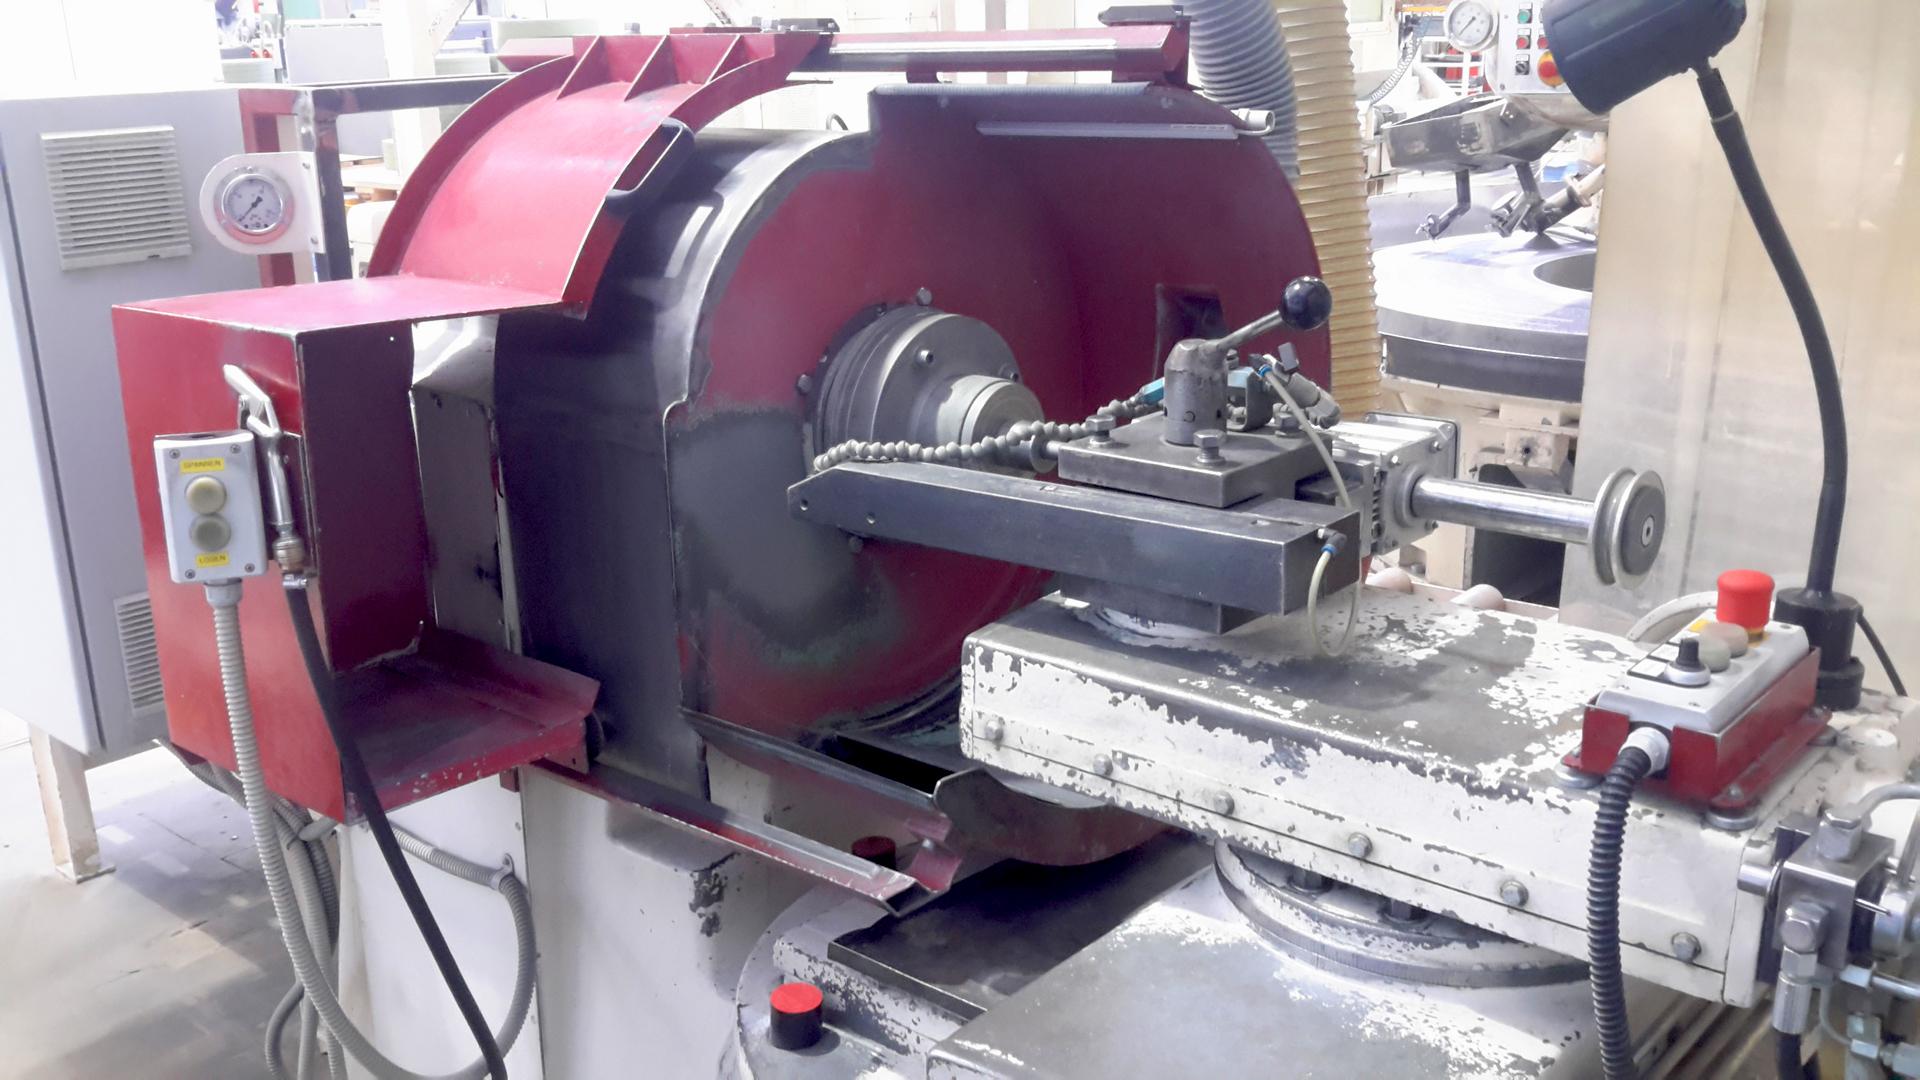 Kundenfoto Altmaschine (c) gesitec